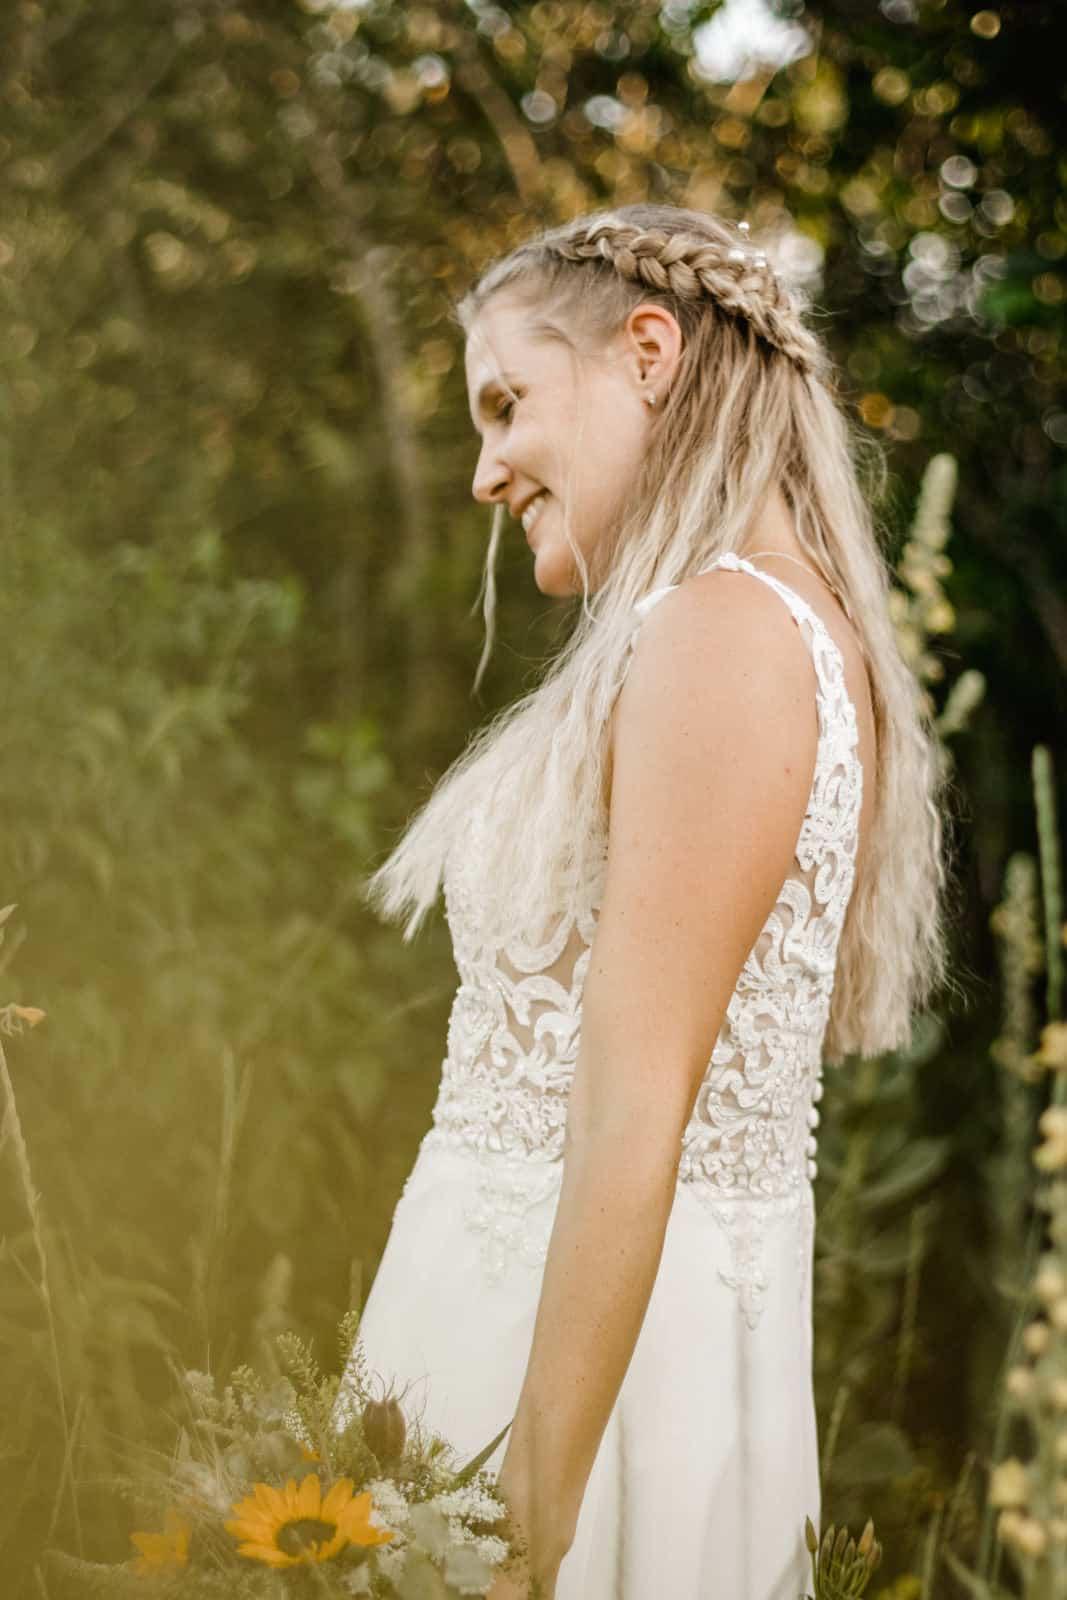 Braut lacht beim Fotoshooting im grünen und dreht sich dabei weg